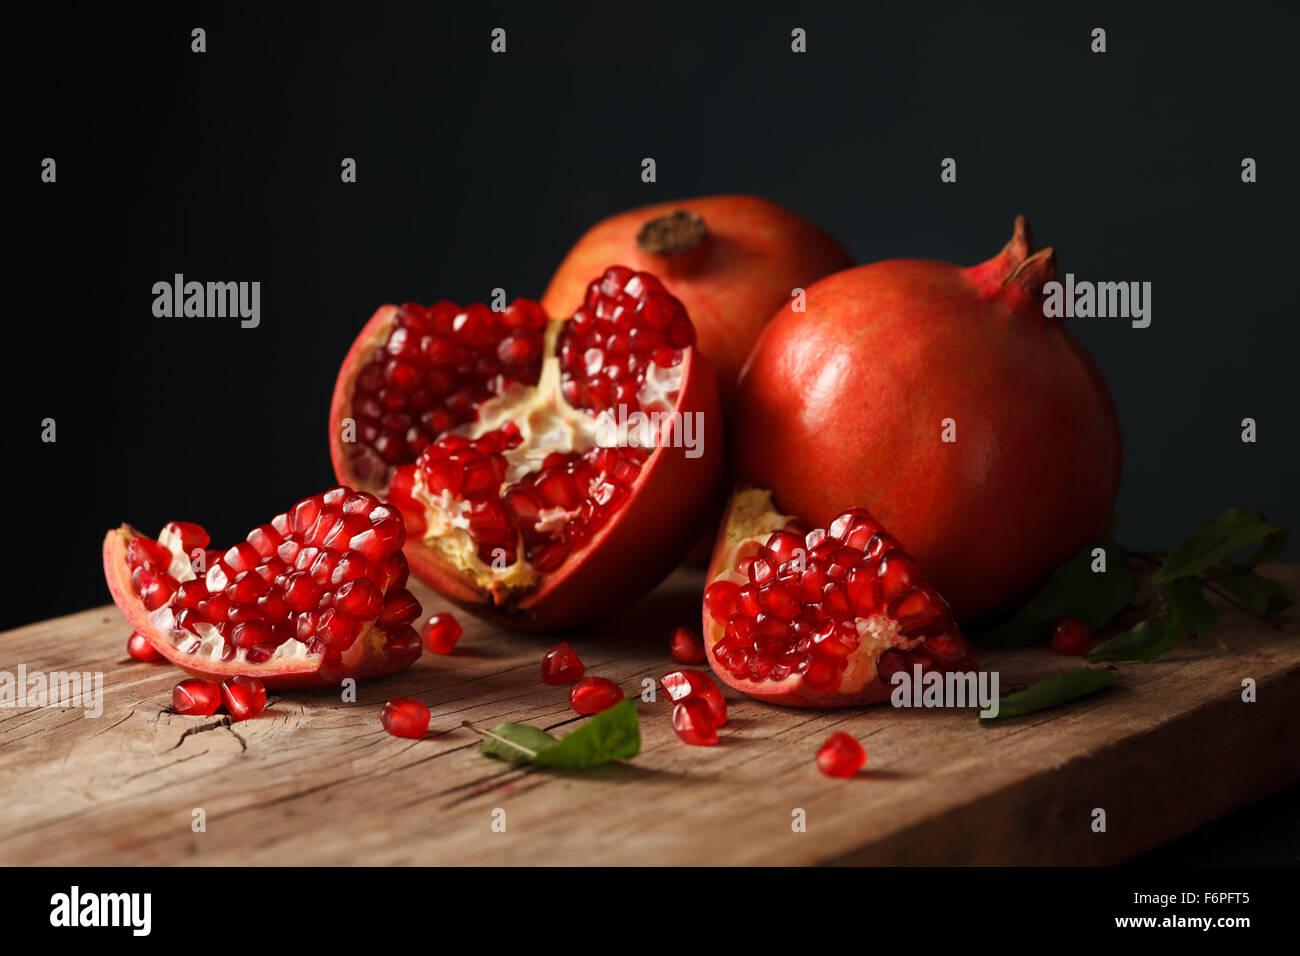 Melograno frutto sano cibo organico fresco ancora vita vegetariana antiossidante succosa Immagini Stock